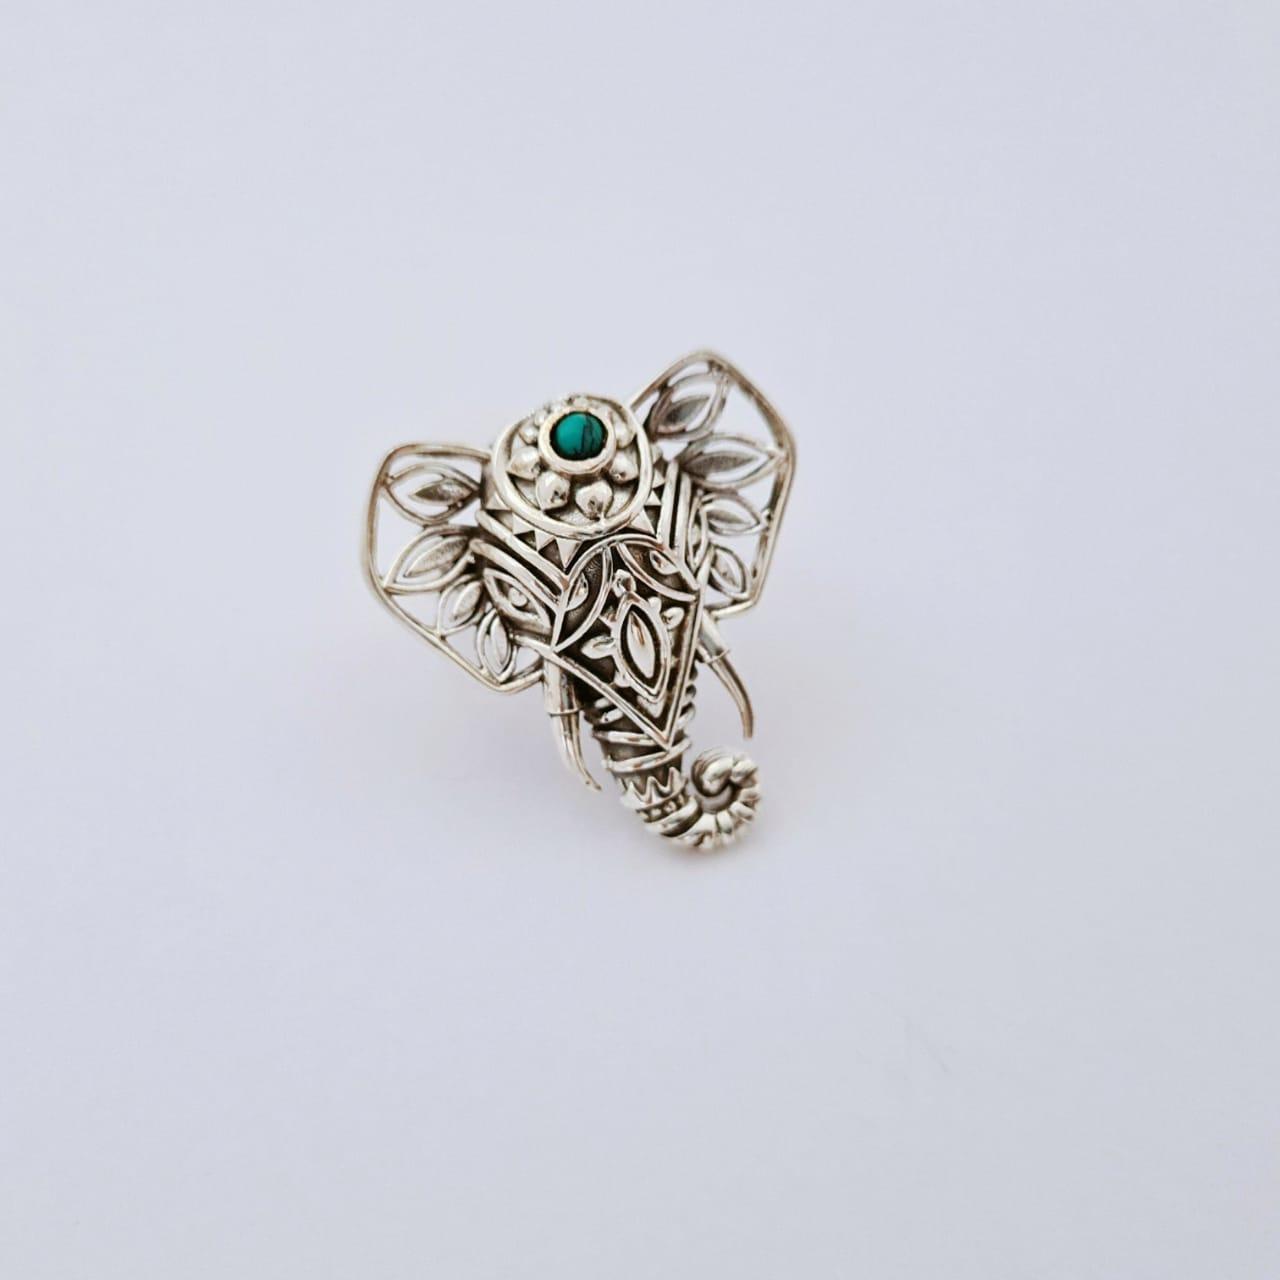 Anel de Prata Elefante com Turquesa